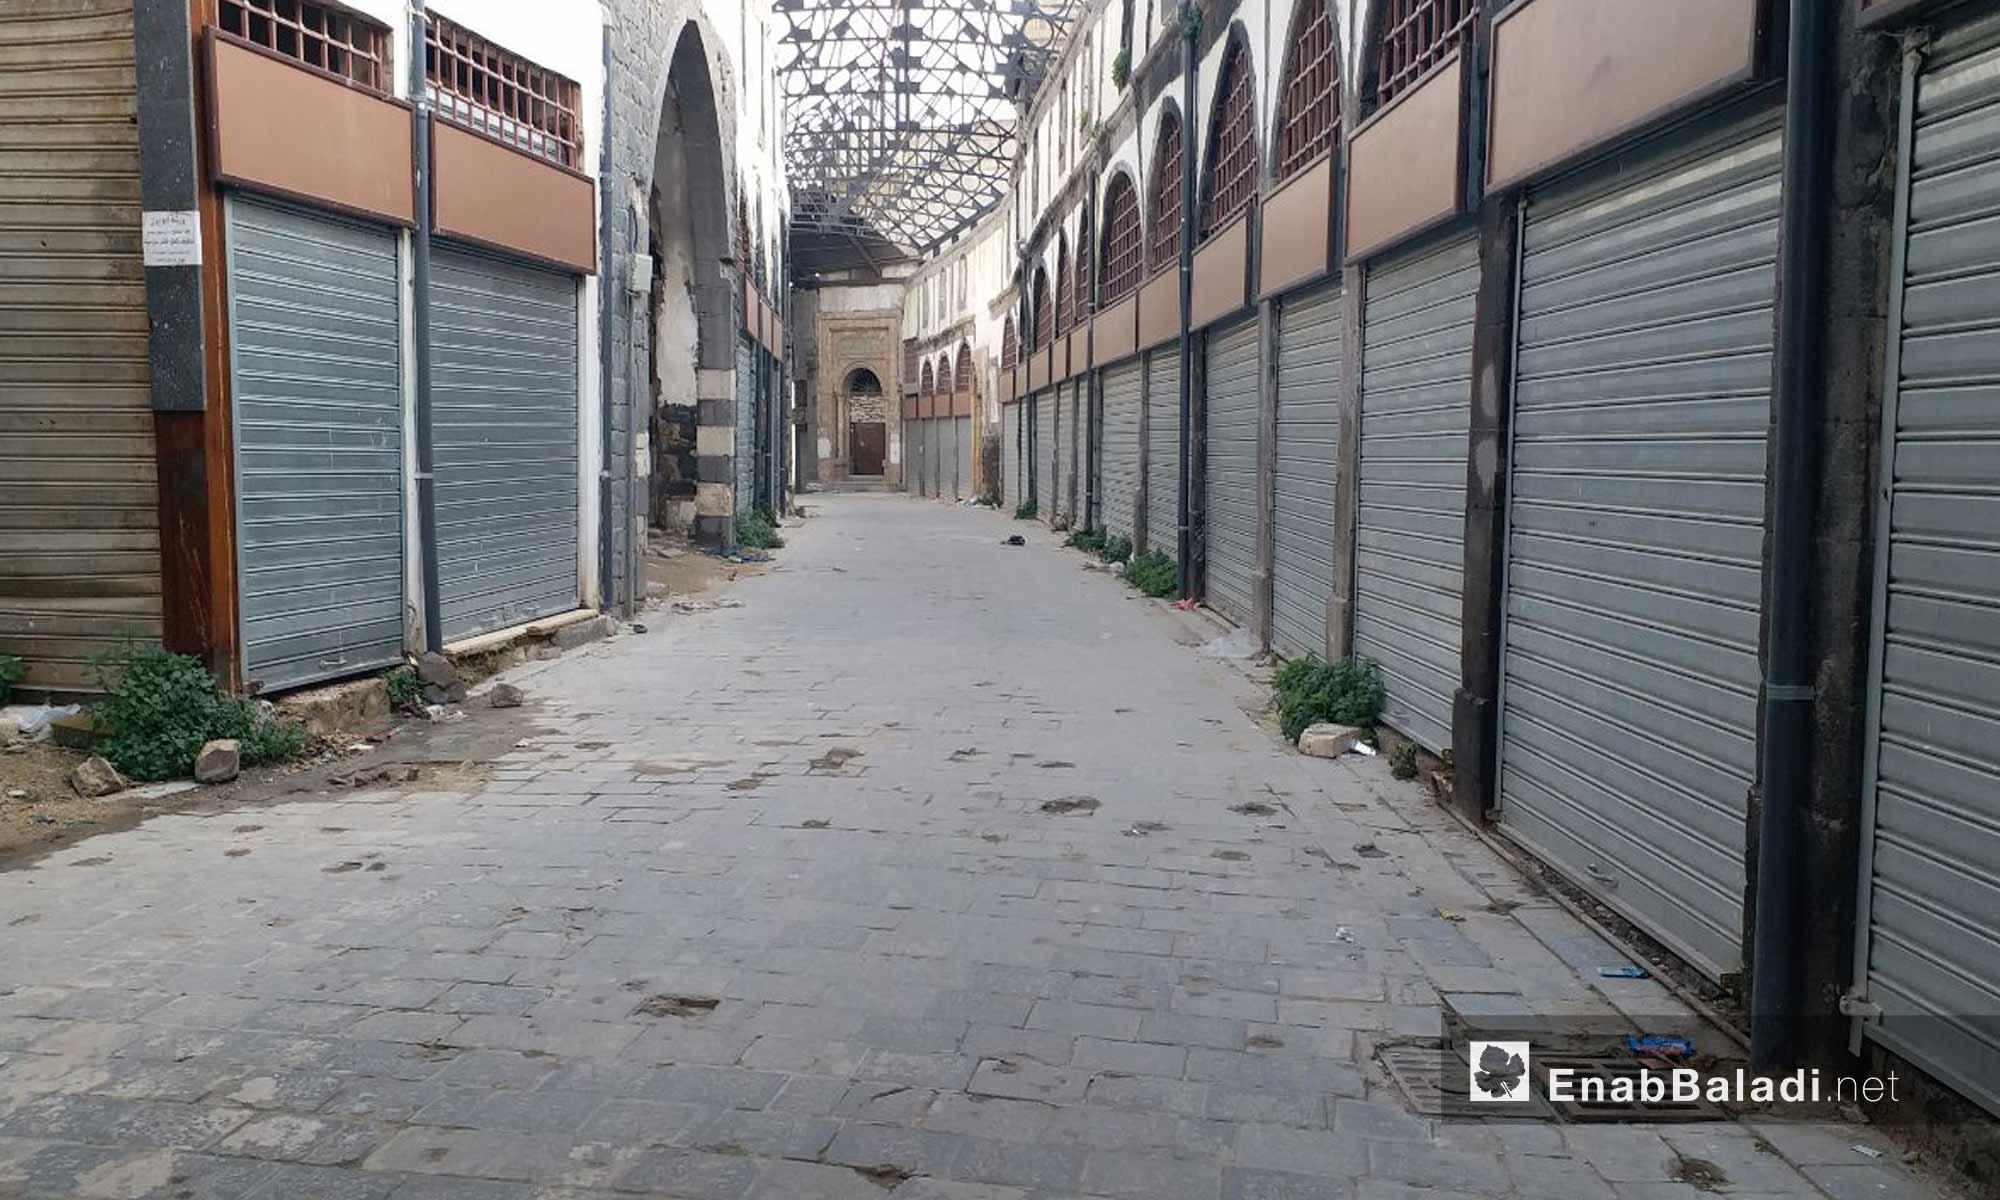 الأحياء القديمة وسط مدينة حمص - 24 من كانون الثاني 2019 (عنب بلدي)